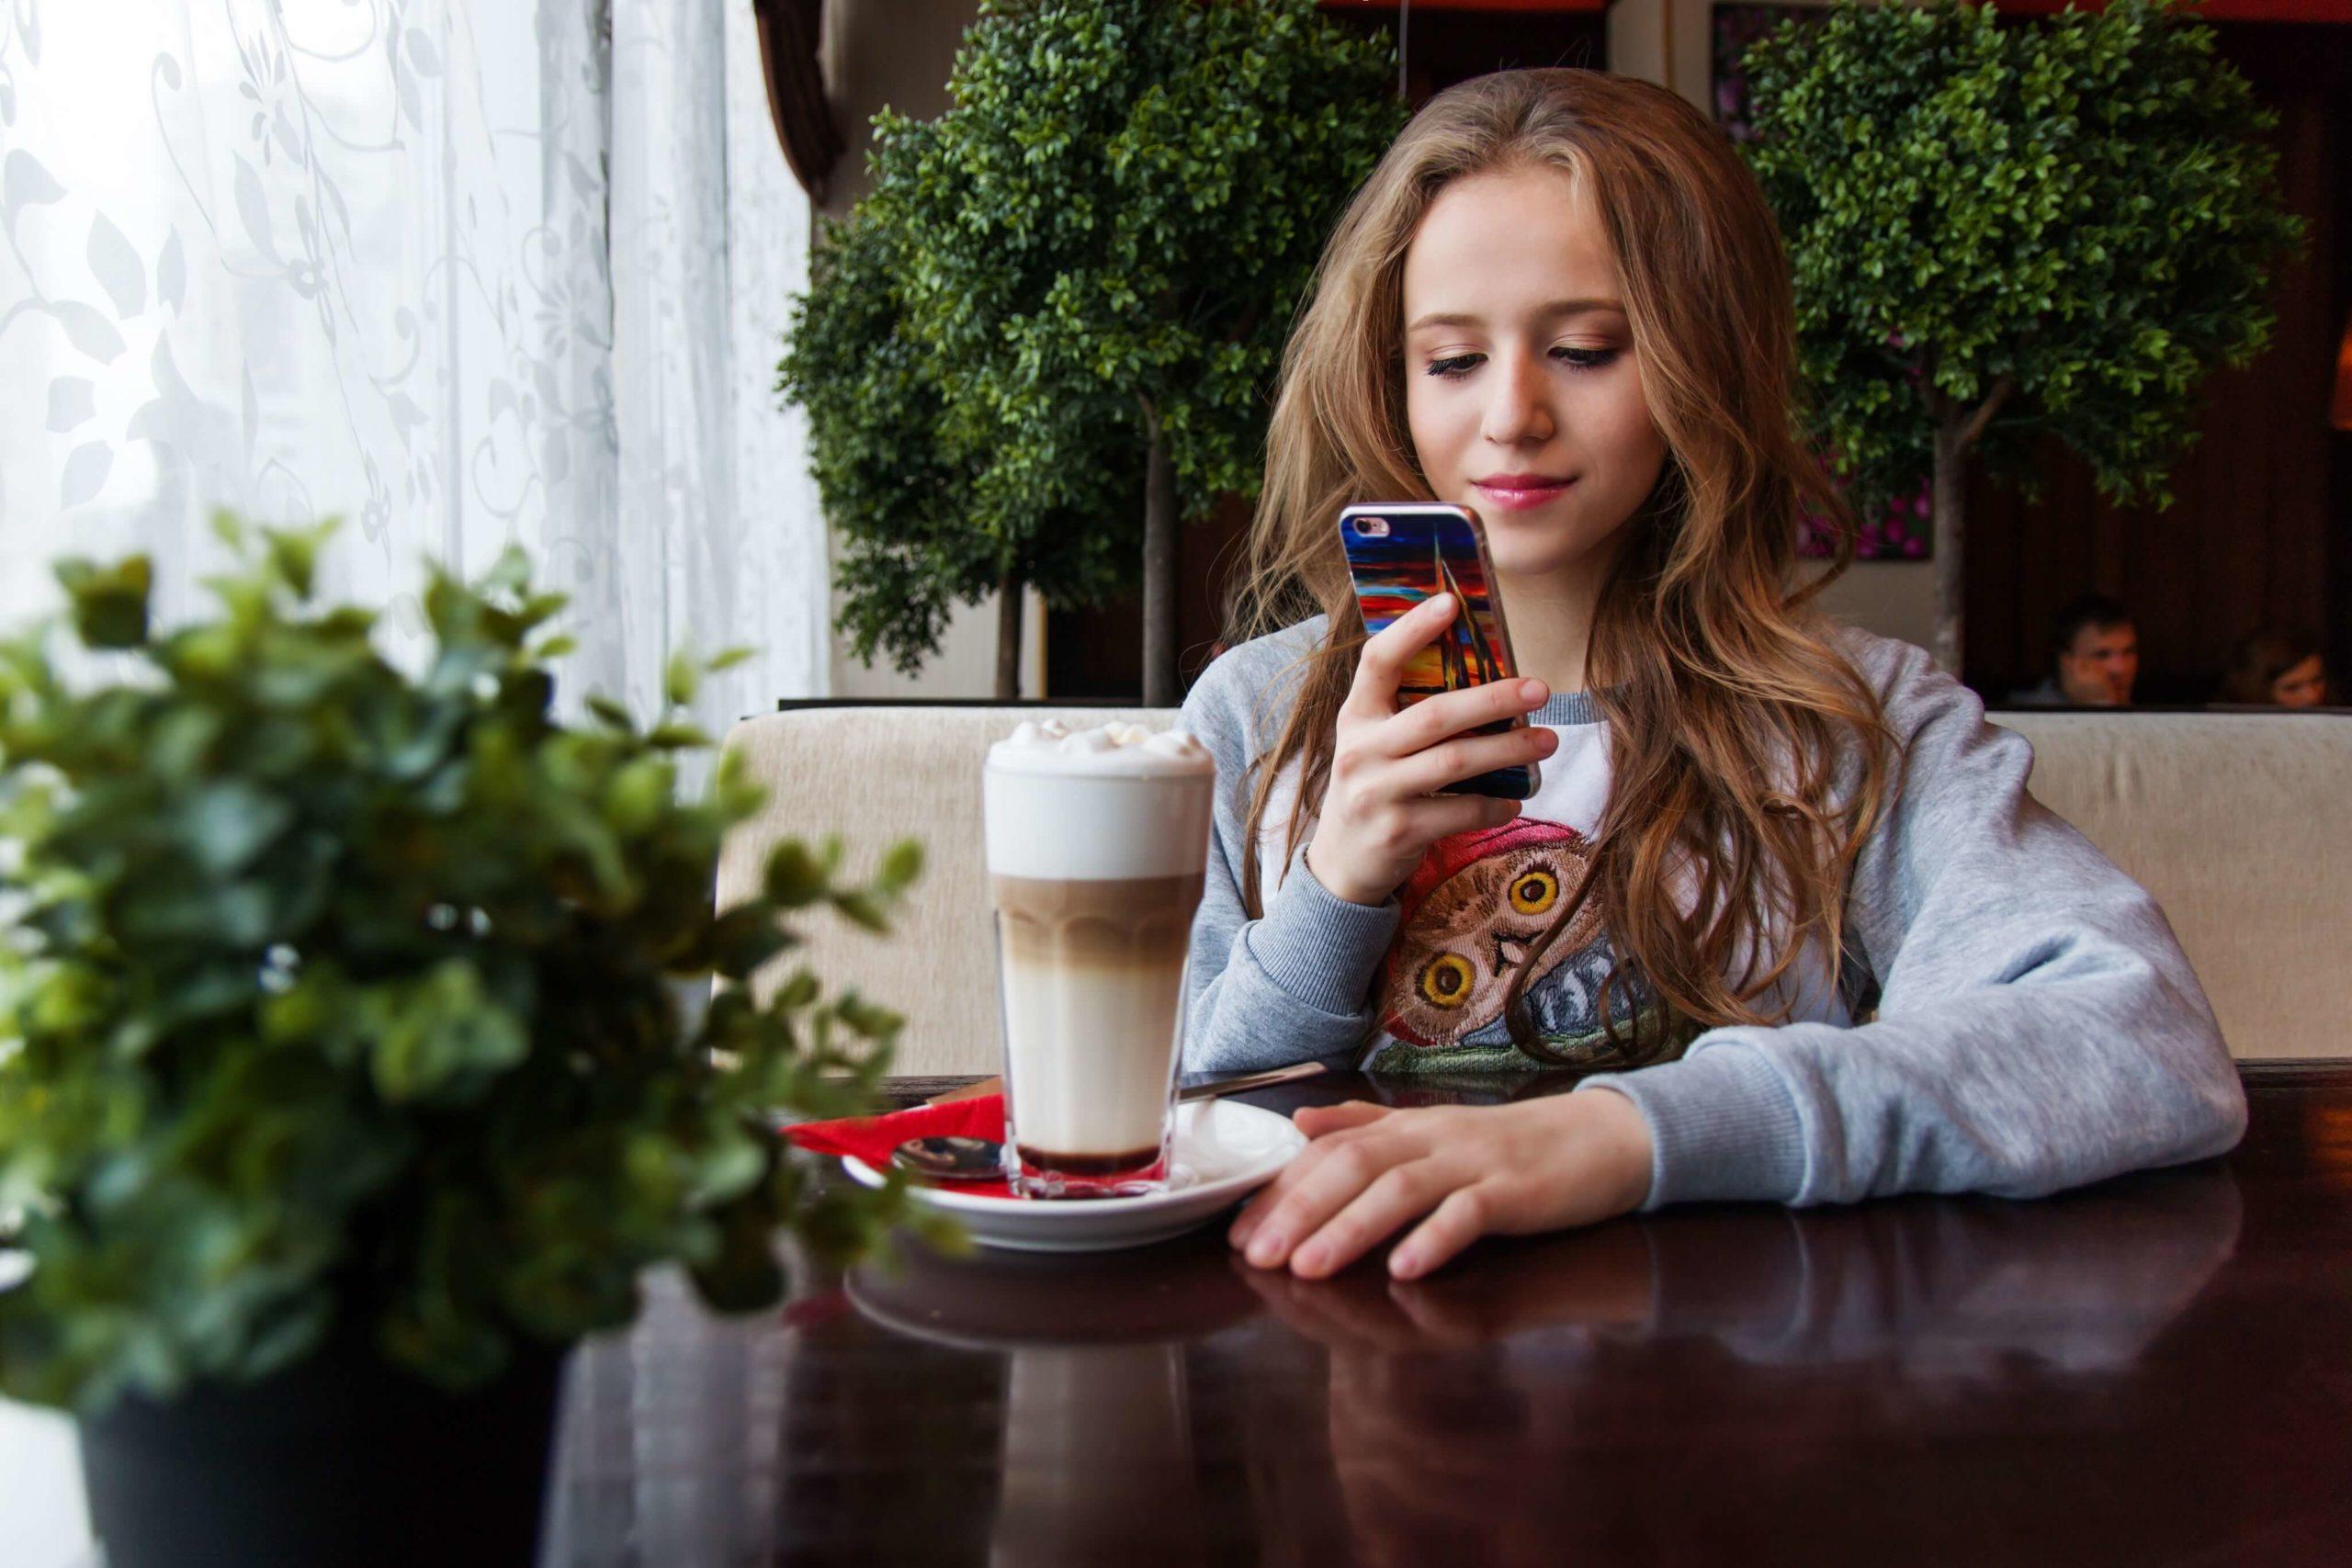 Een veilig en stabiel WiFi netwerk voor uw gasten - TamoSoft